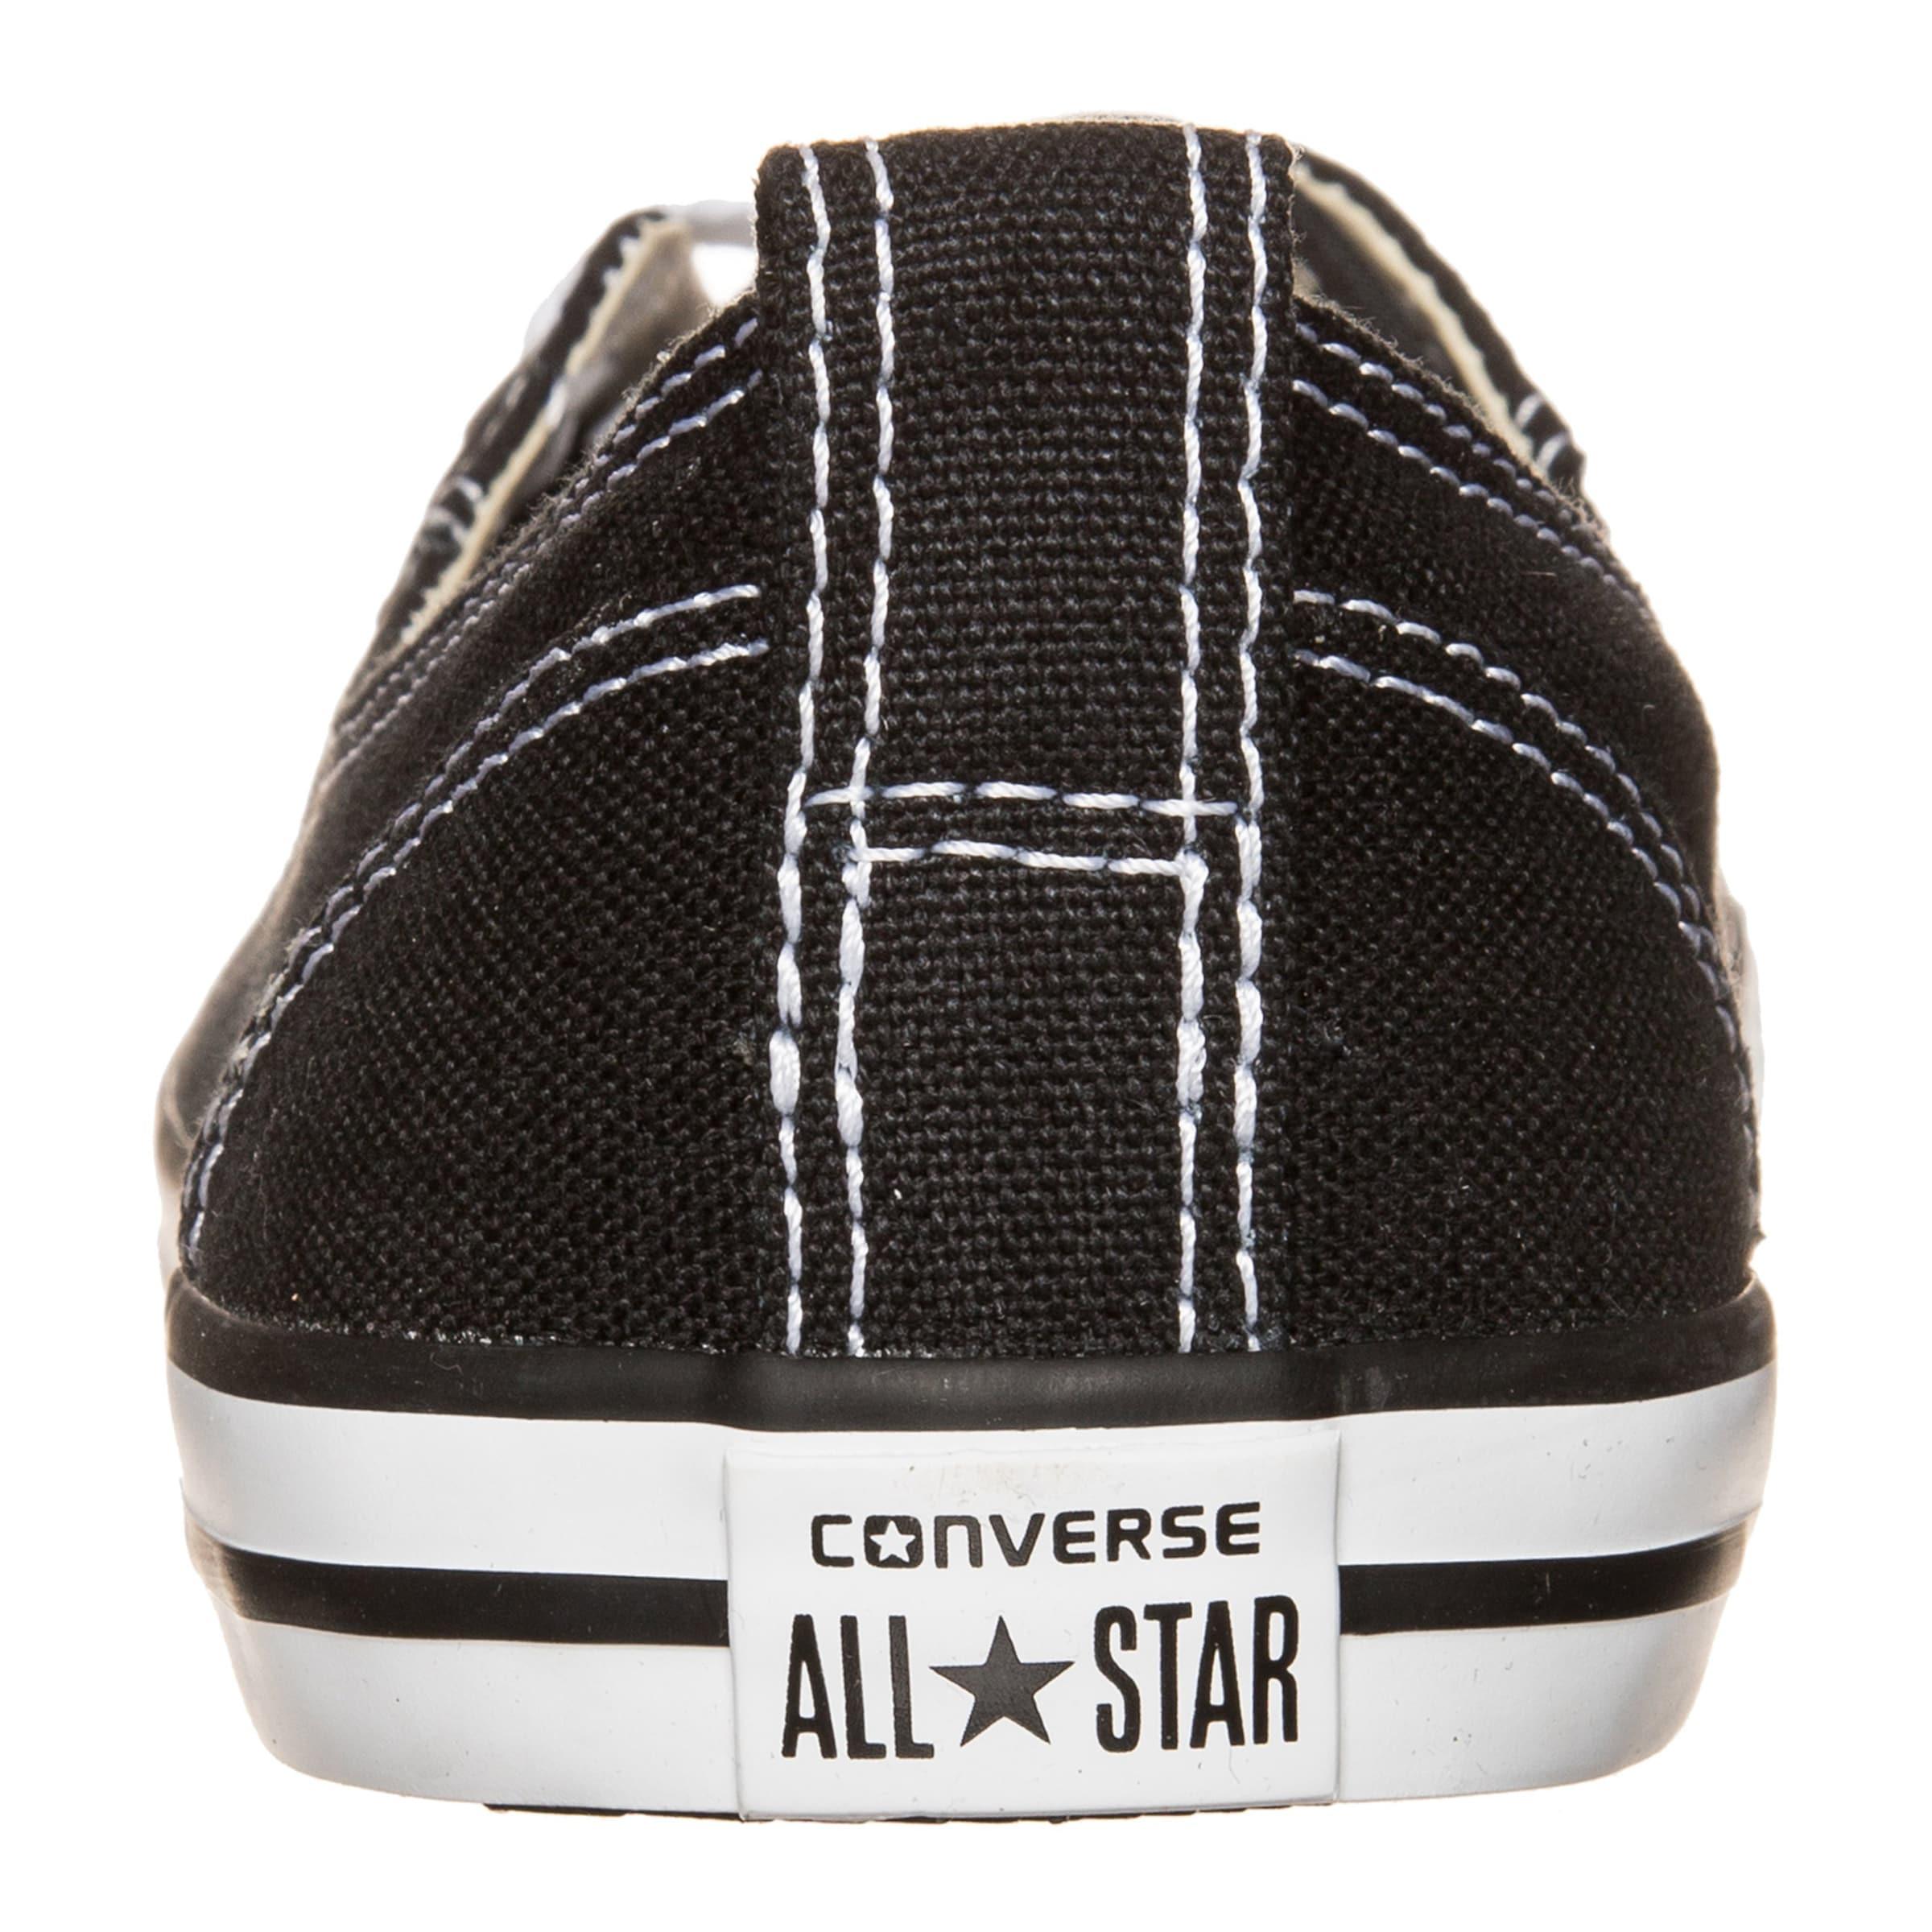 CONVERSE Chuck Taylor All Star Ballet Lace Sneaker Billig Zu Kaufen xgxPSoA